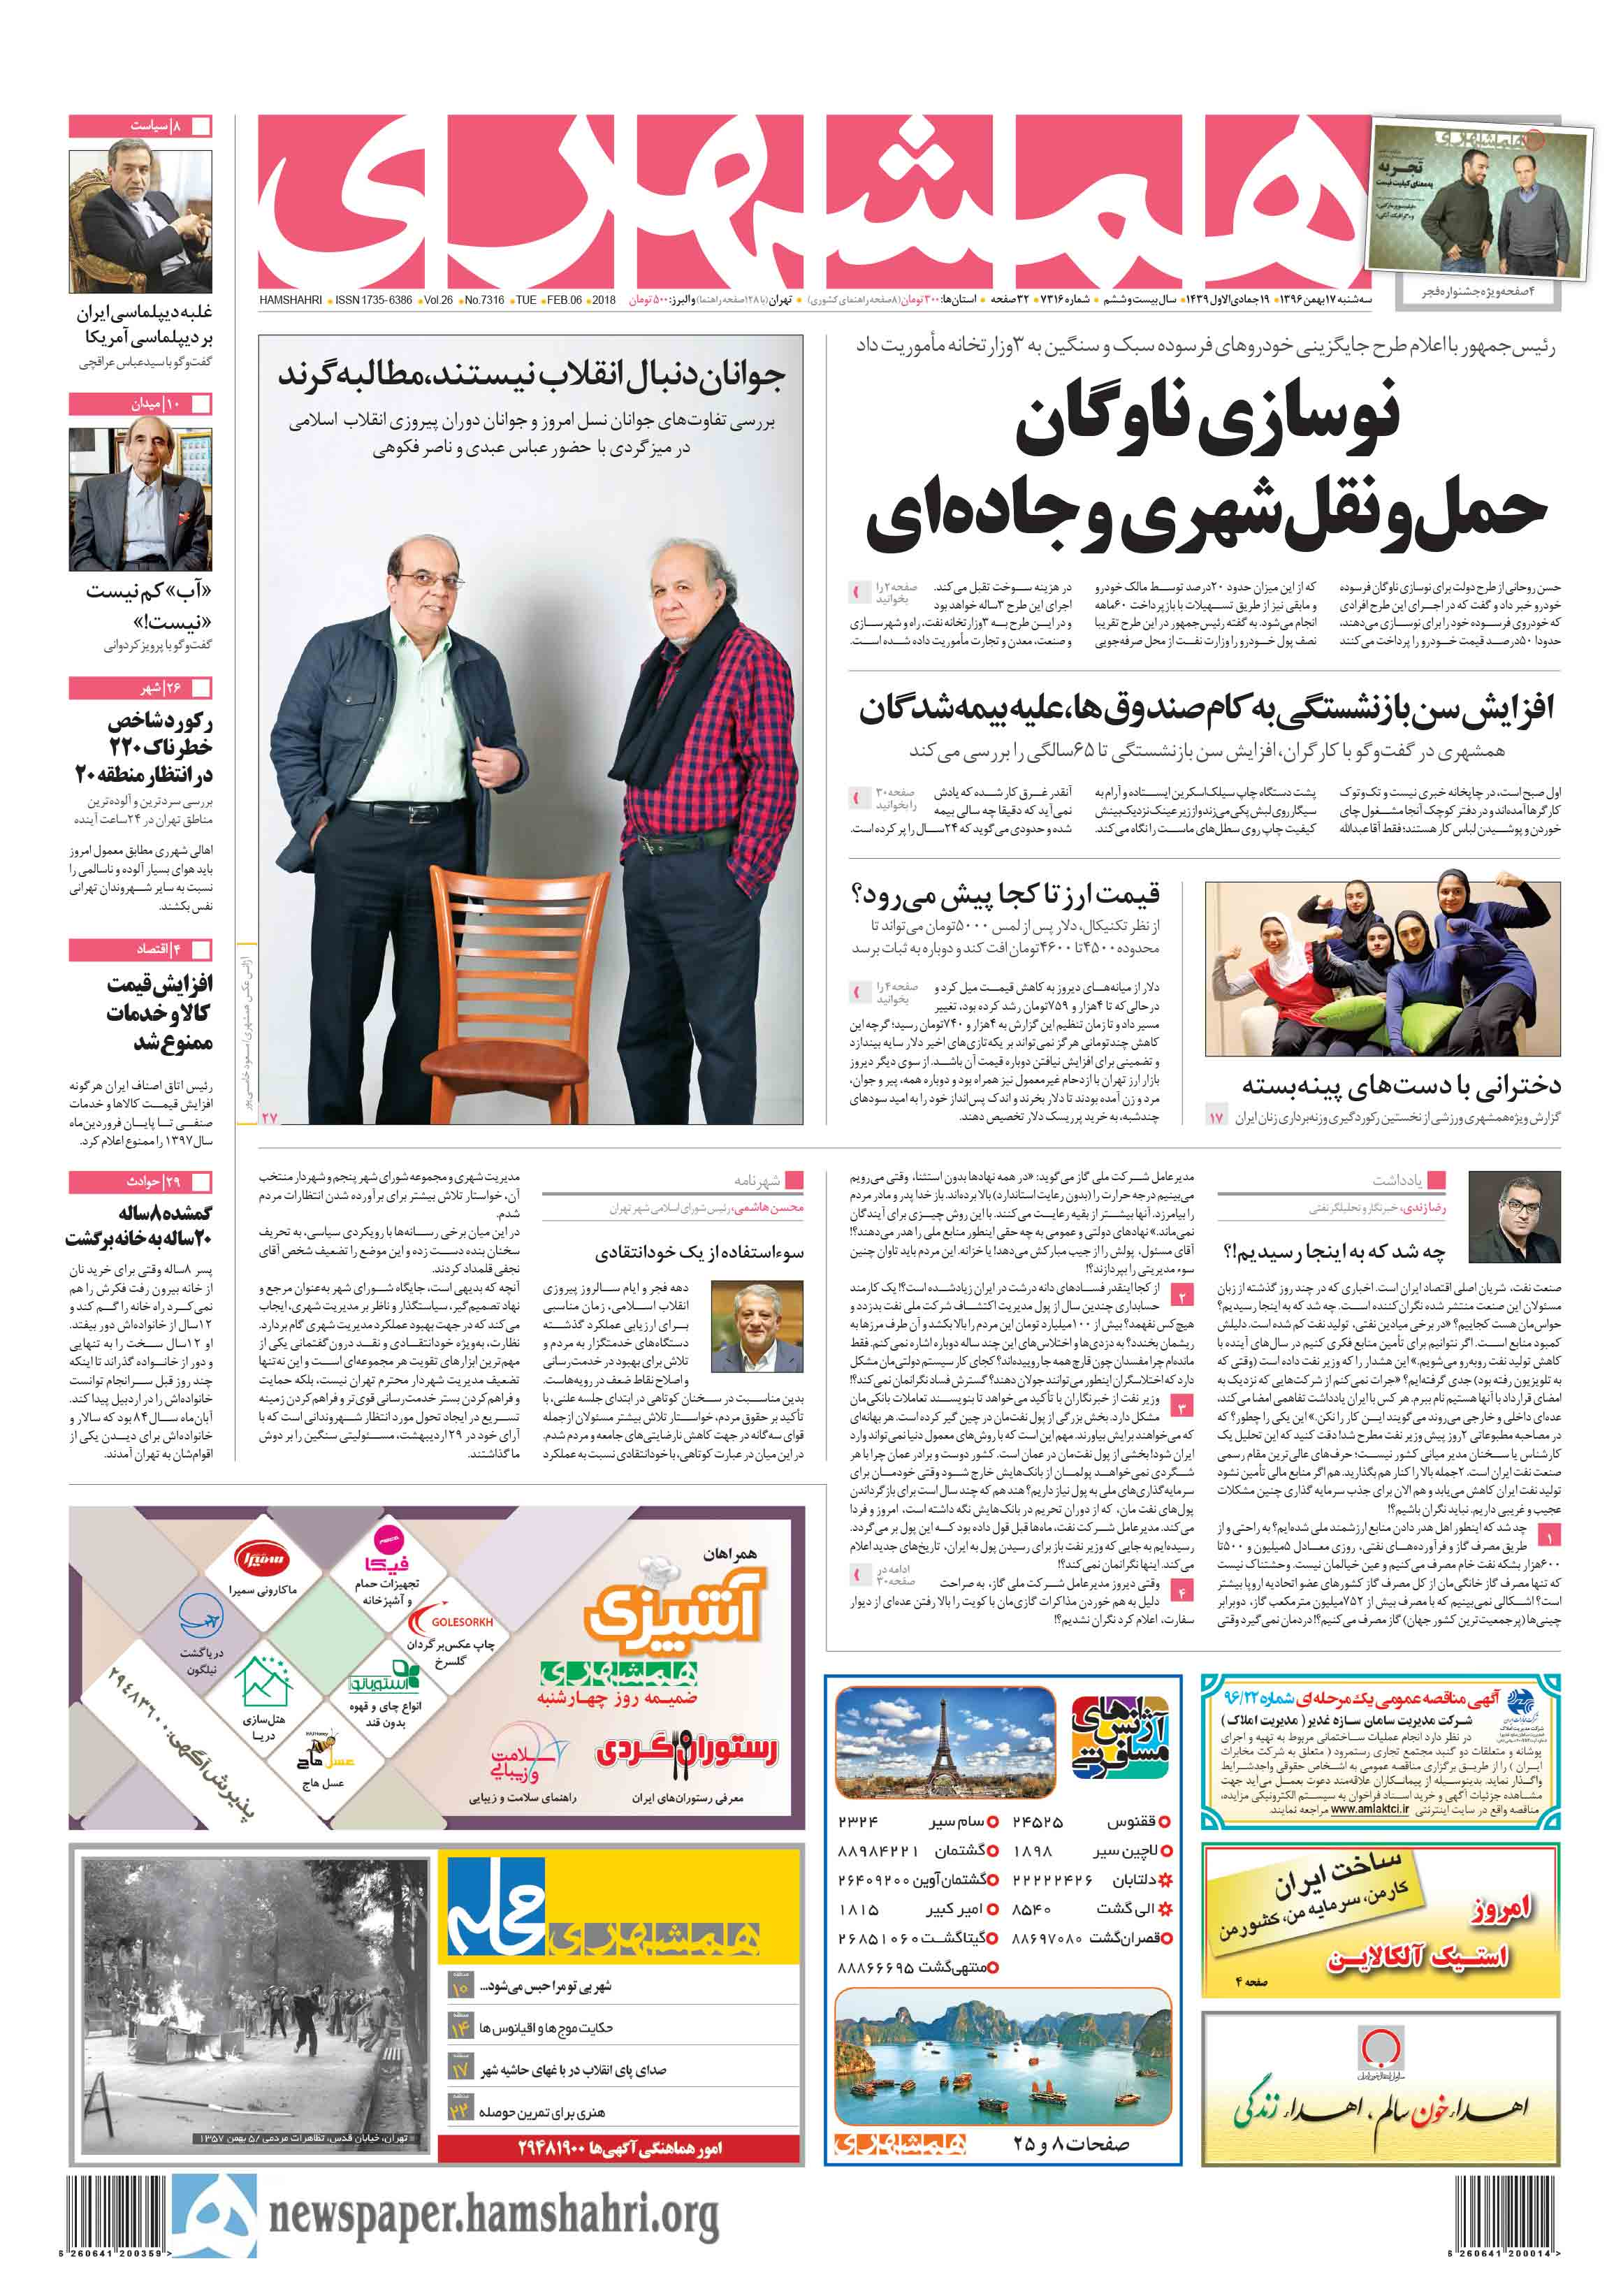 صفحه اول سهشنبه 17 بهمنماه 1396